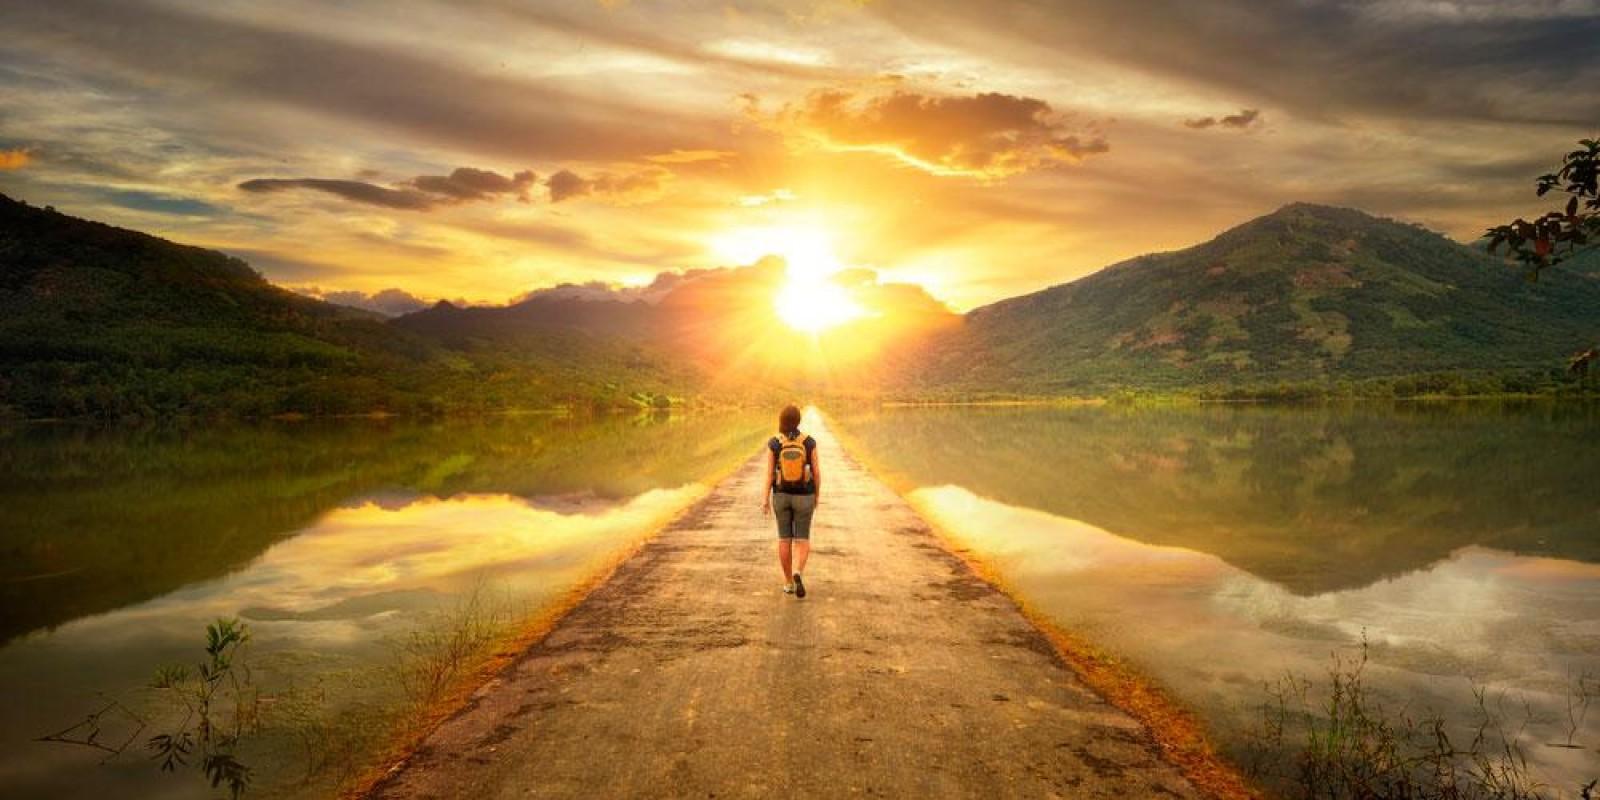 Ainda que Eu Te Mostre o Caminho da Sabedoria, a Decisão de Seguí-lo é Sua.